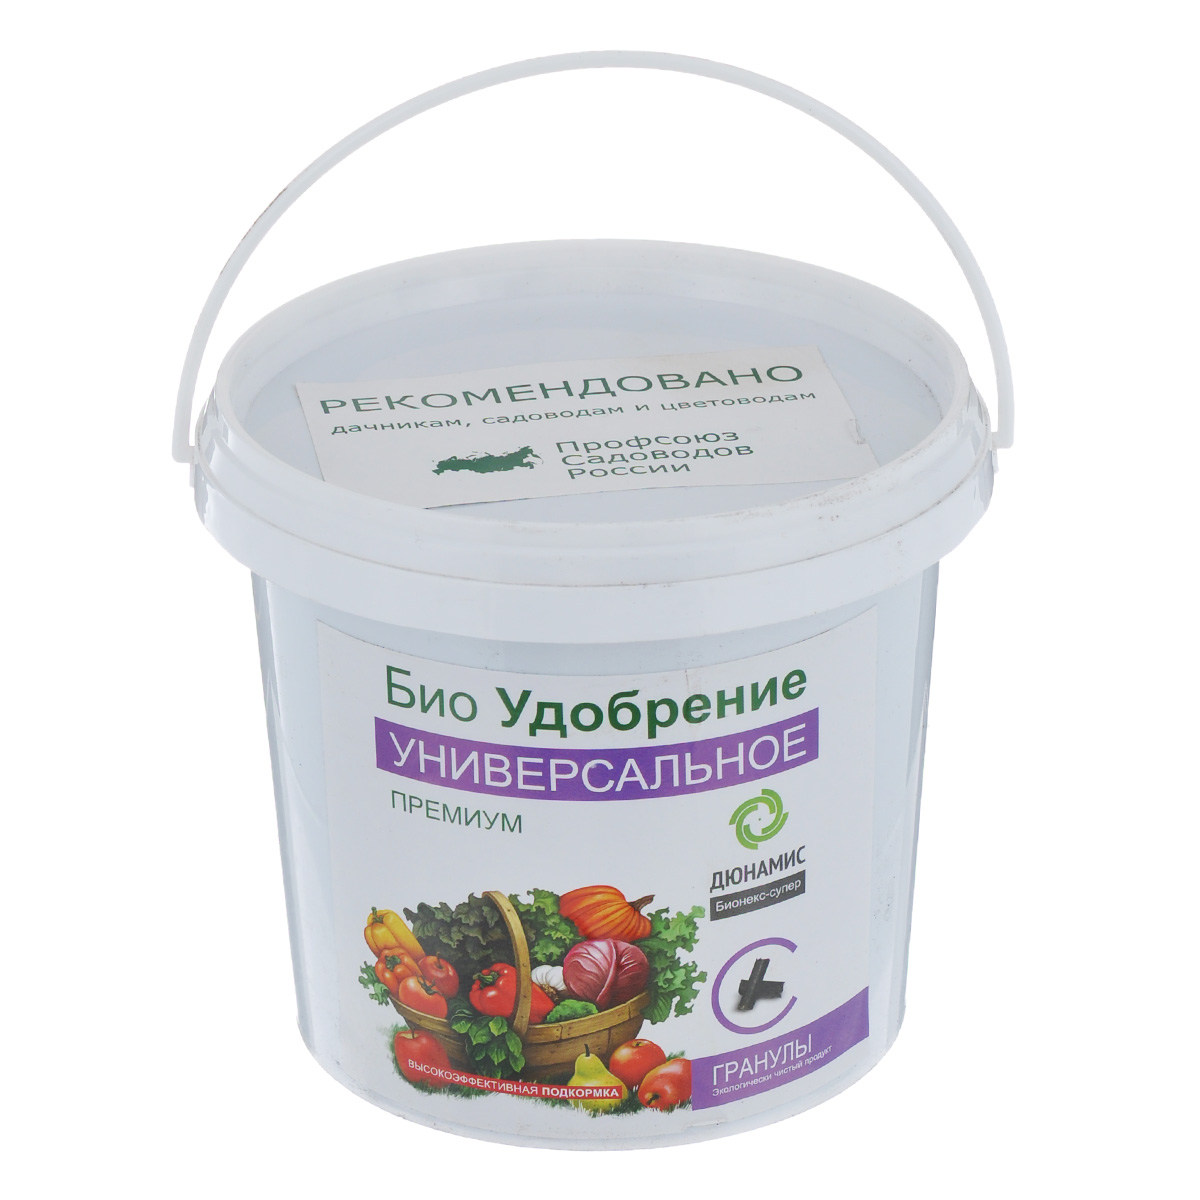 Био-удобрение Дюнамис Универсальное Премиум, в гранулах, 1 лRSP-202SУниверсальное био-удобрение Дюнамис - это гранулированное удобрение с веществами в хелатной форме. Обладает лёгким запахом. Способствует увеличению урожайности до 53% и улучшению вкусовых и качественных показателей плодов. Благодаря такому удобрению, повышается сопротивляемость к заболеваниям, также это эффективная помощь при дефиците питания и влаги. Универсальное био-удобрение Дюнамис обеспечивает обильное и длительное цветение, повышение силы растений.Варианты применения:- в лунку при посадке;- сухие корневые подкормки;- жидкие корневые подкормки.Состав: ферментированный навоз КРС, помет, биокатализатор.Объем: 1 л.Товар сертифицирован.